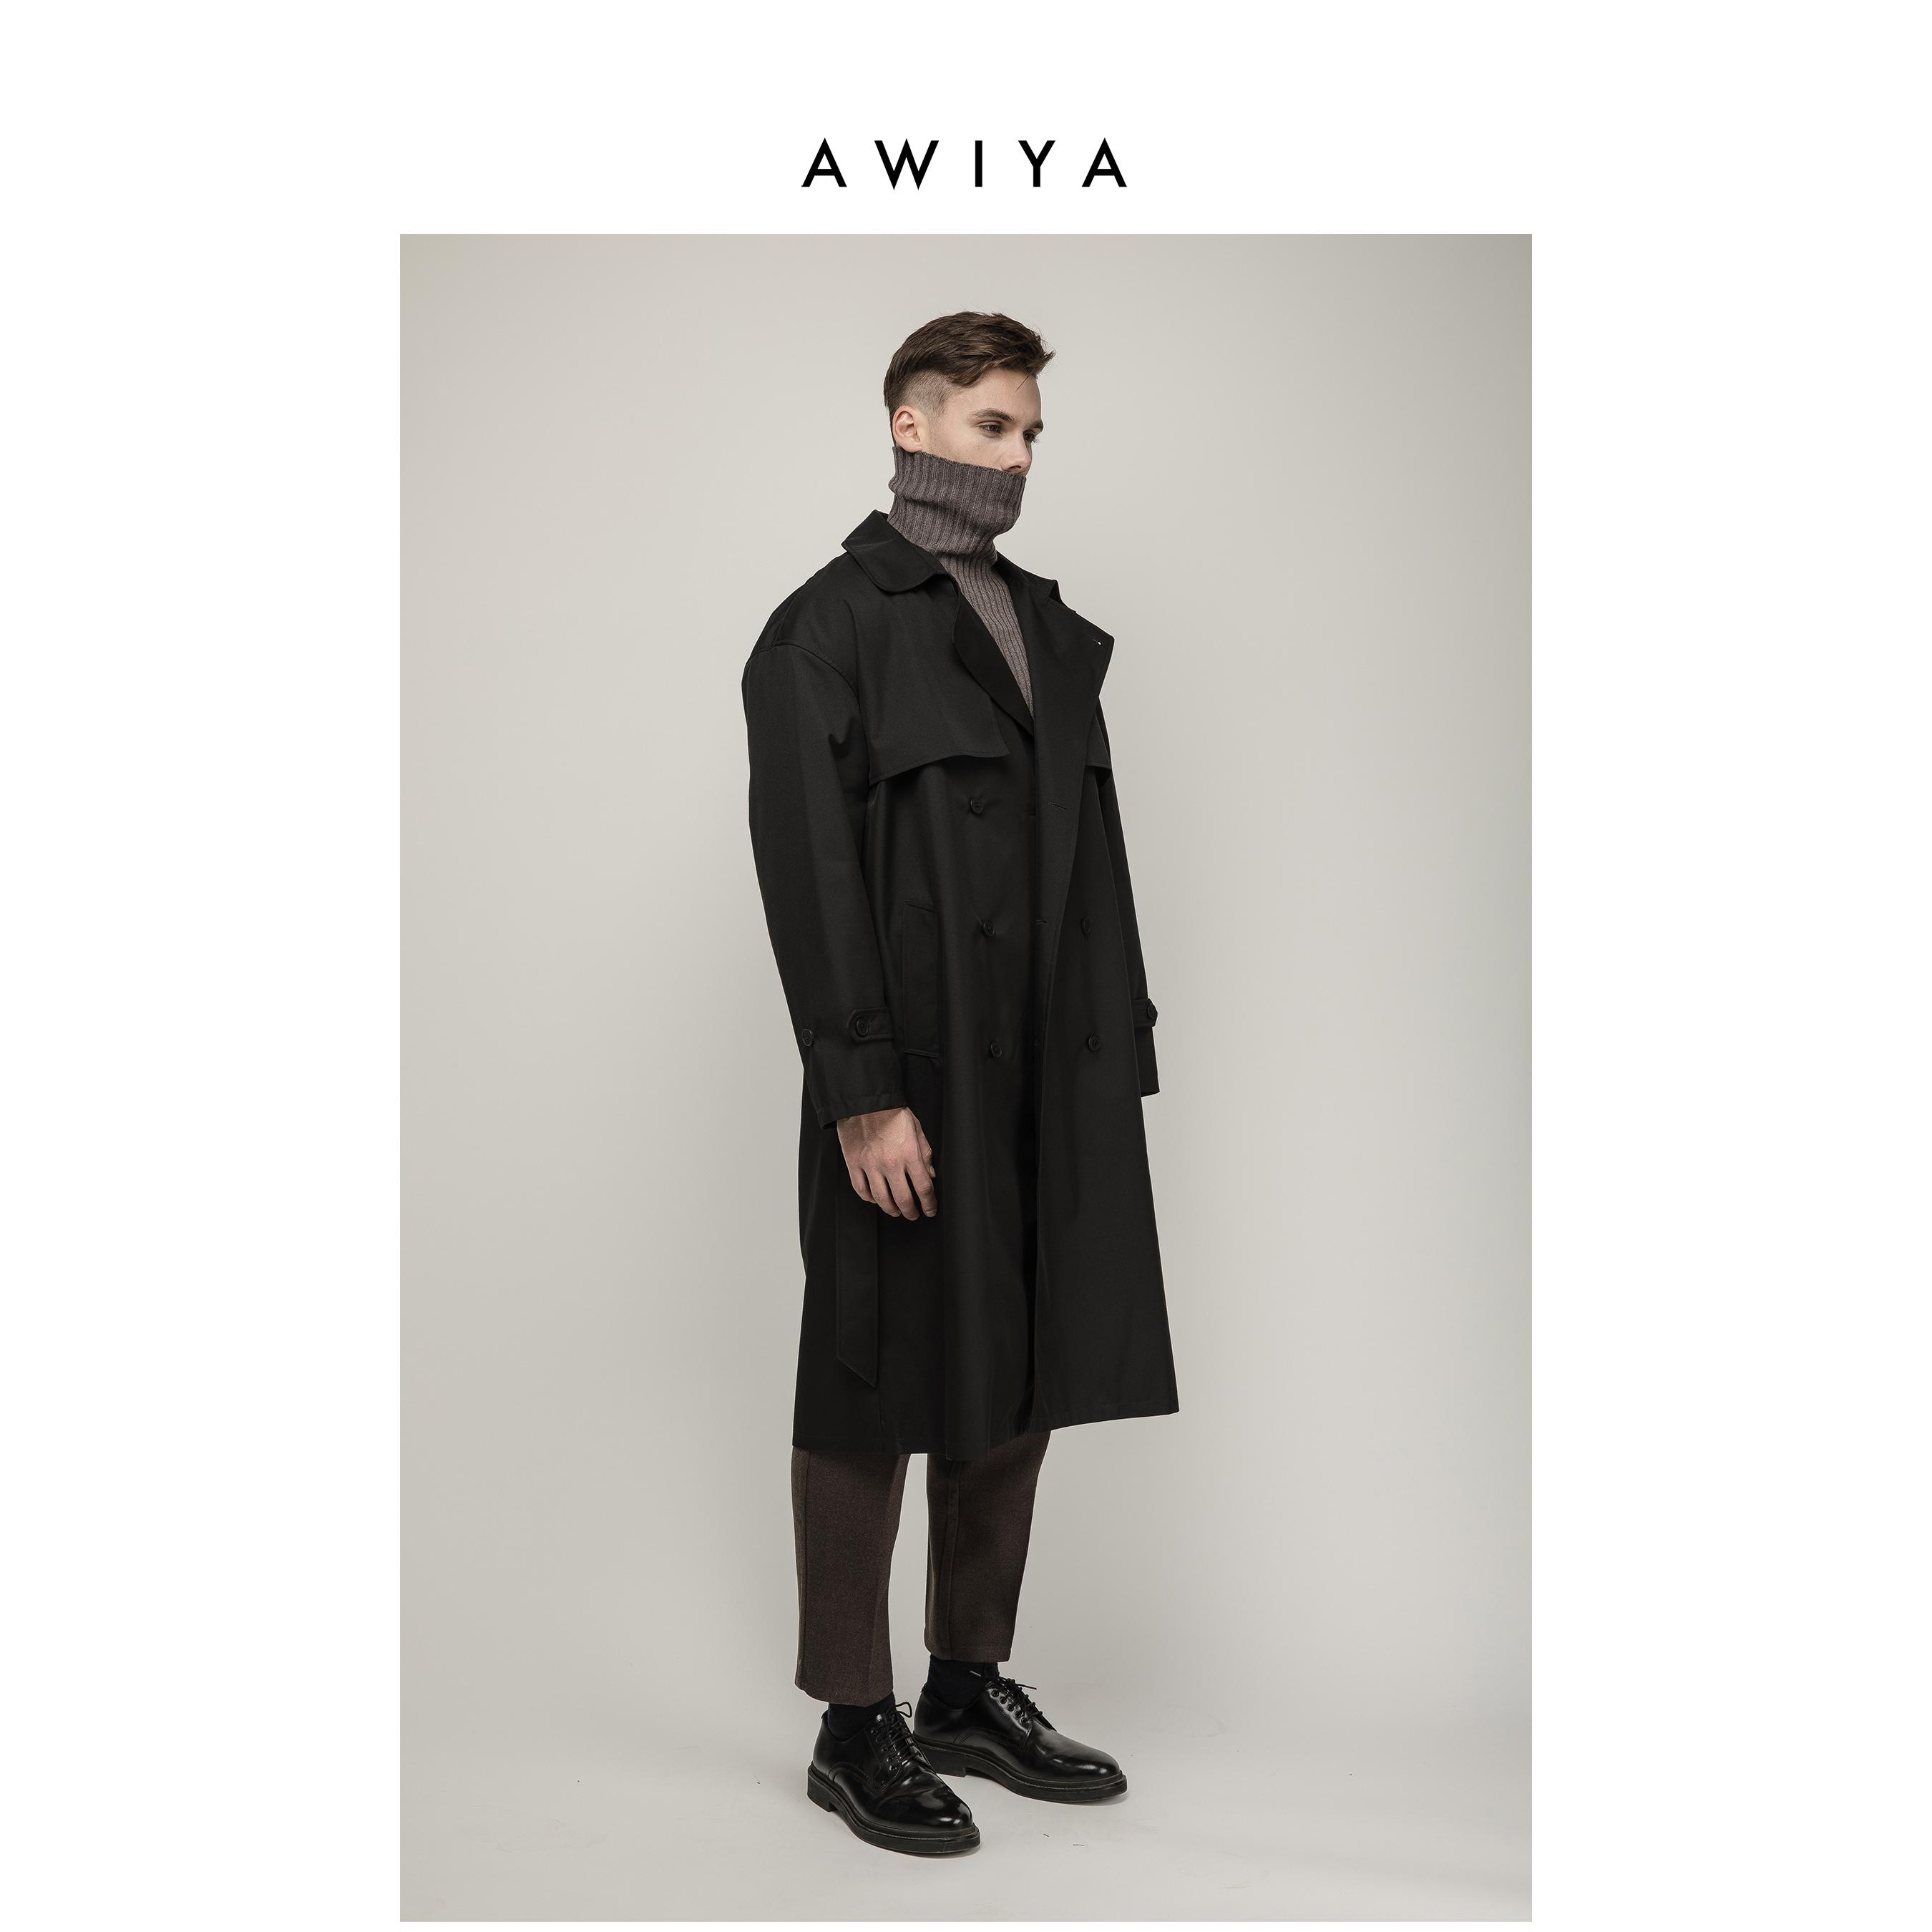 双排扣风衣 AWIYA璈雅 M303 新款英伦风2020流行中长款双排扣休闲风衣外套男_推荐淘宝好看的双排扣风衣